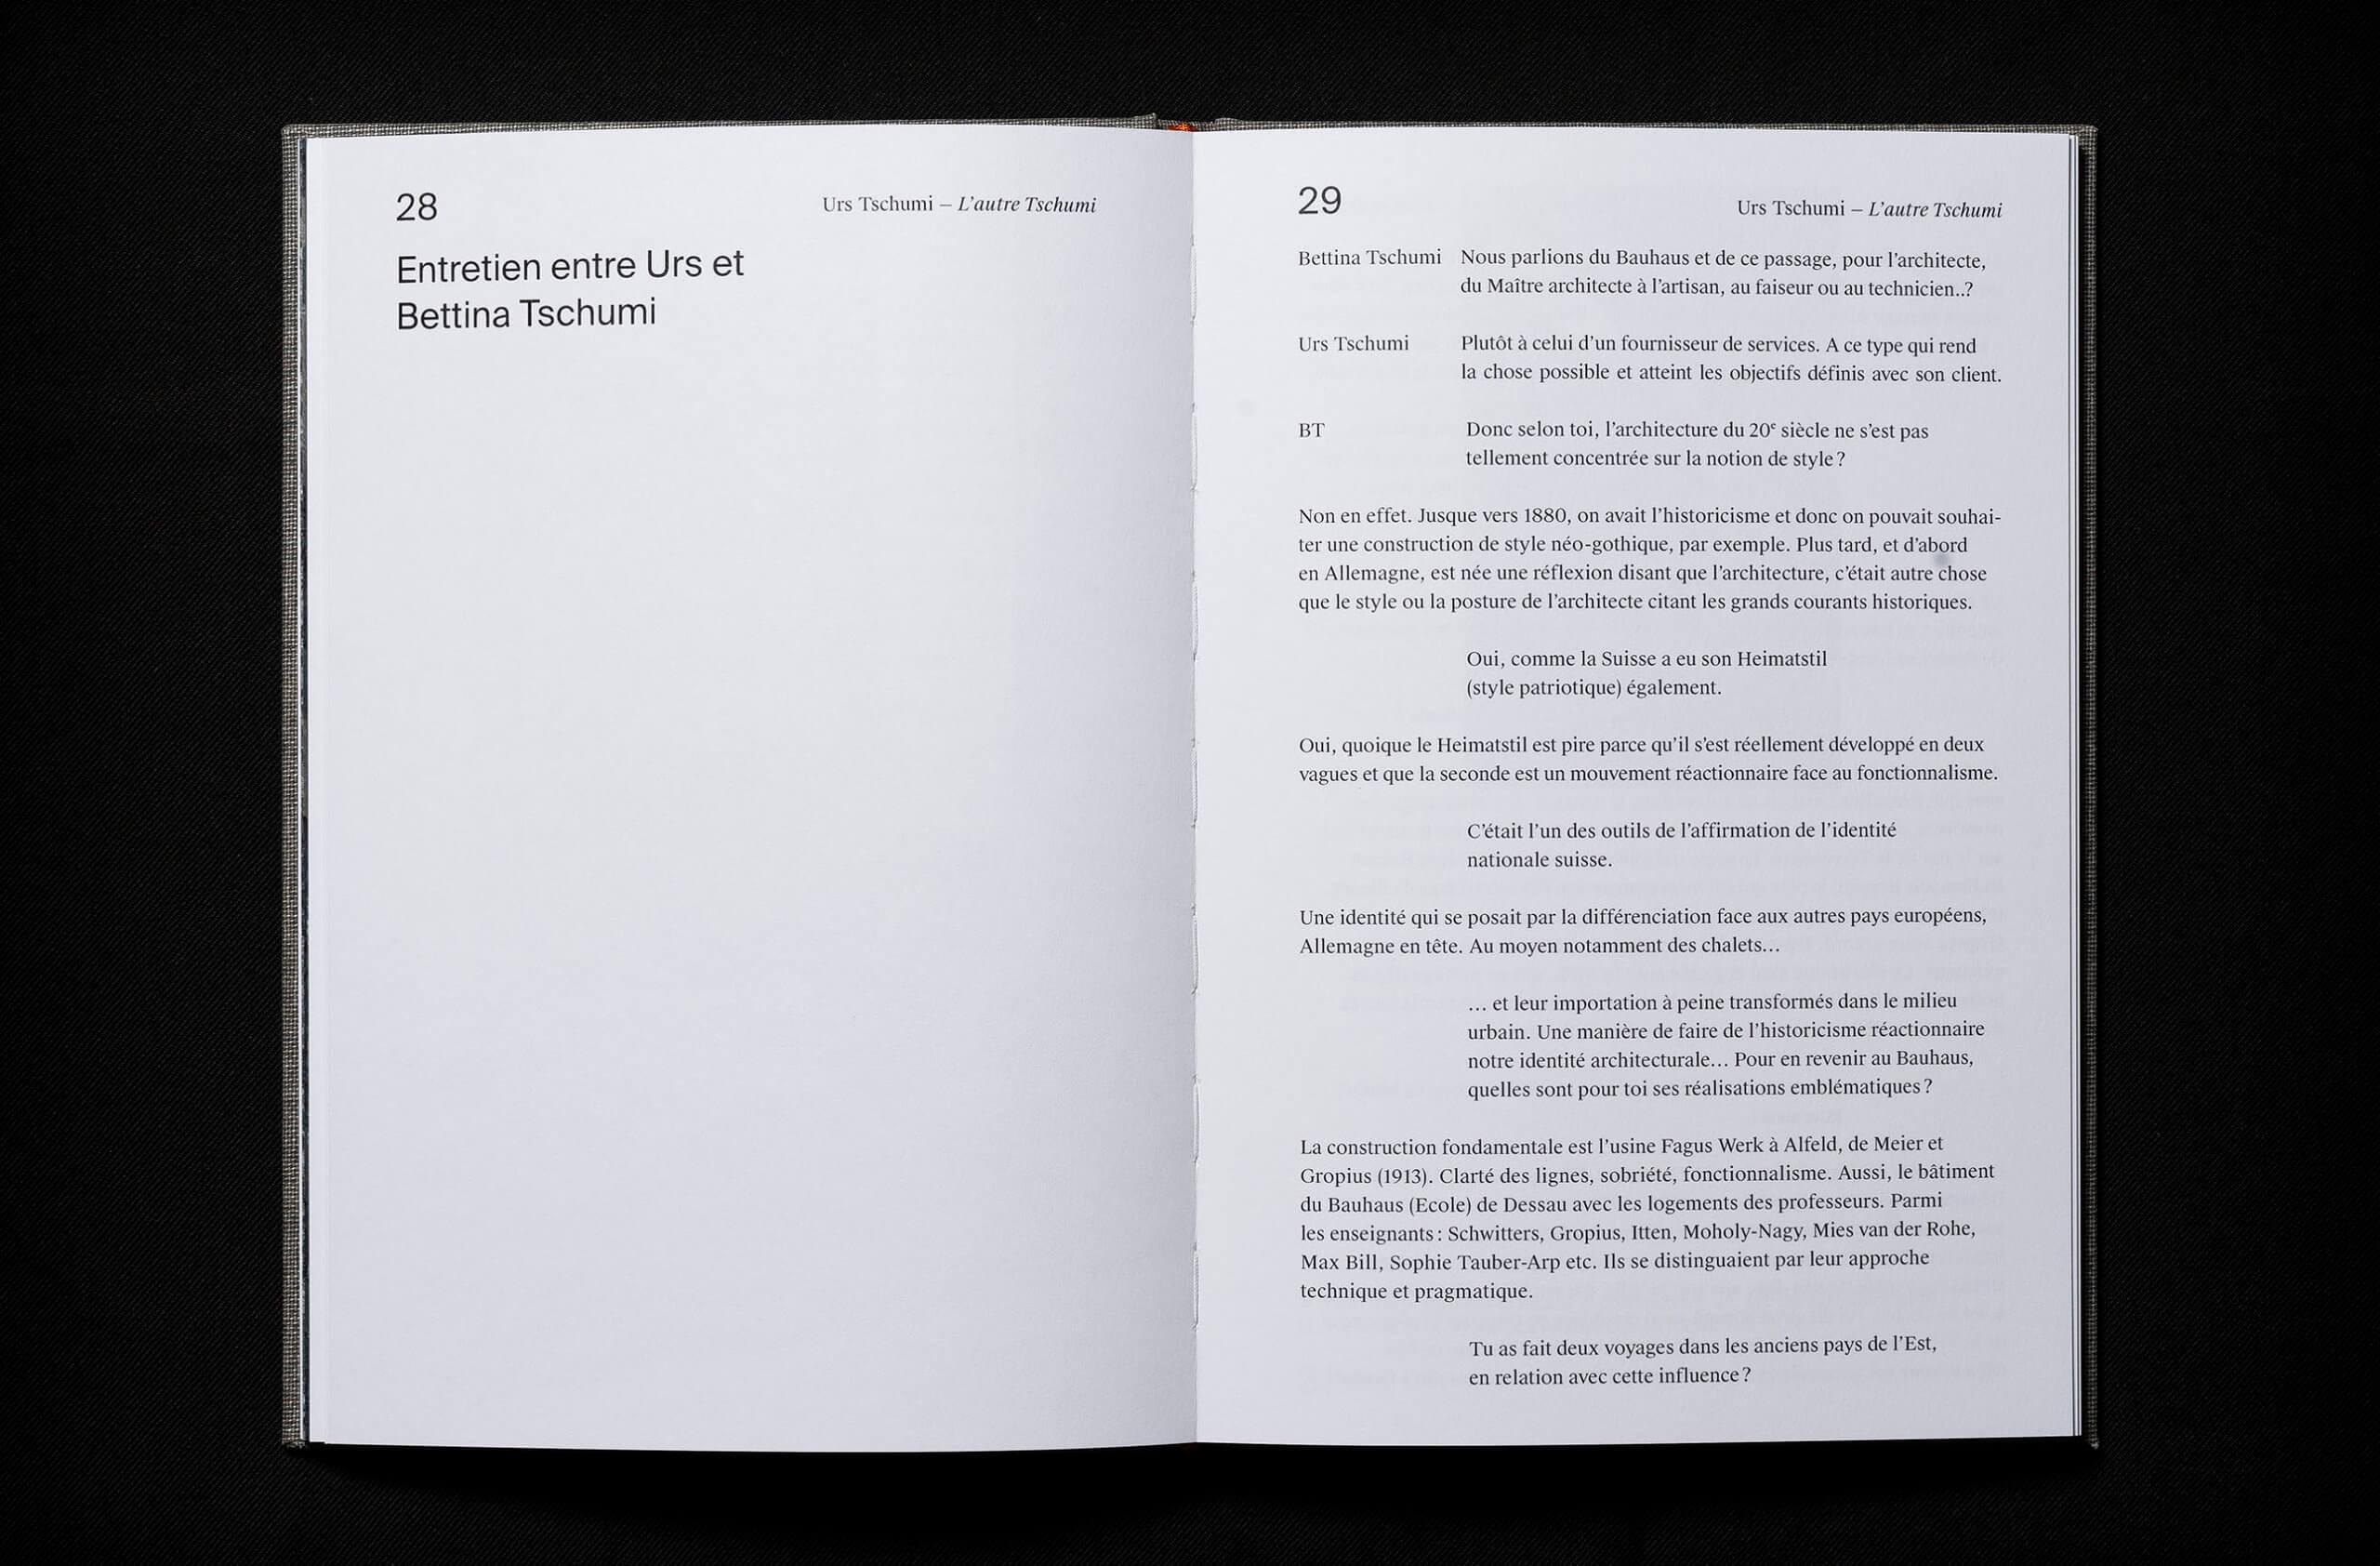 UT_book_5